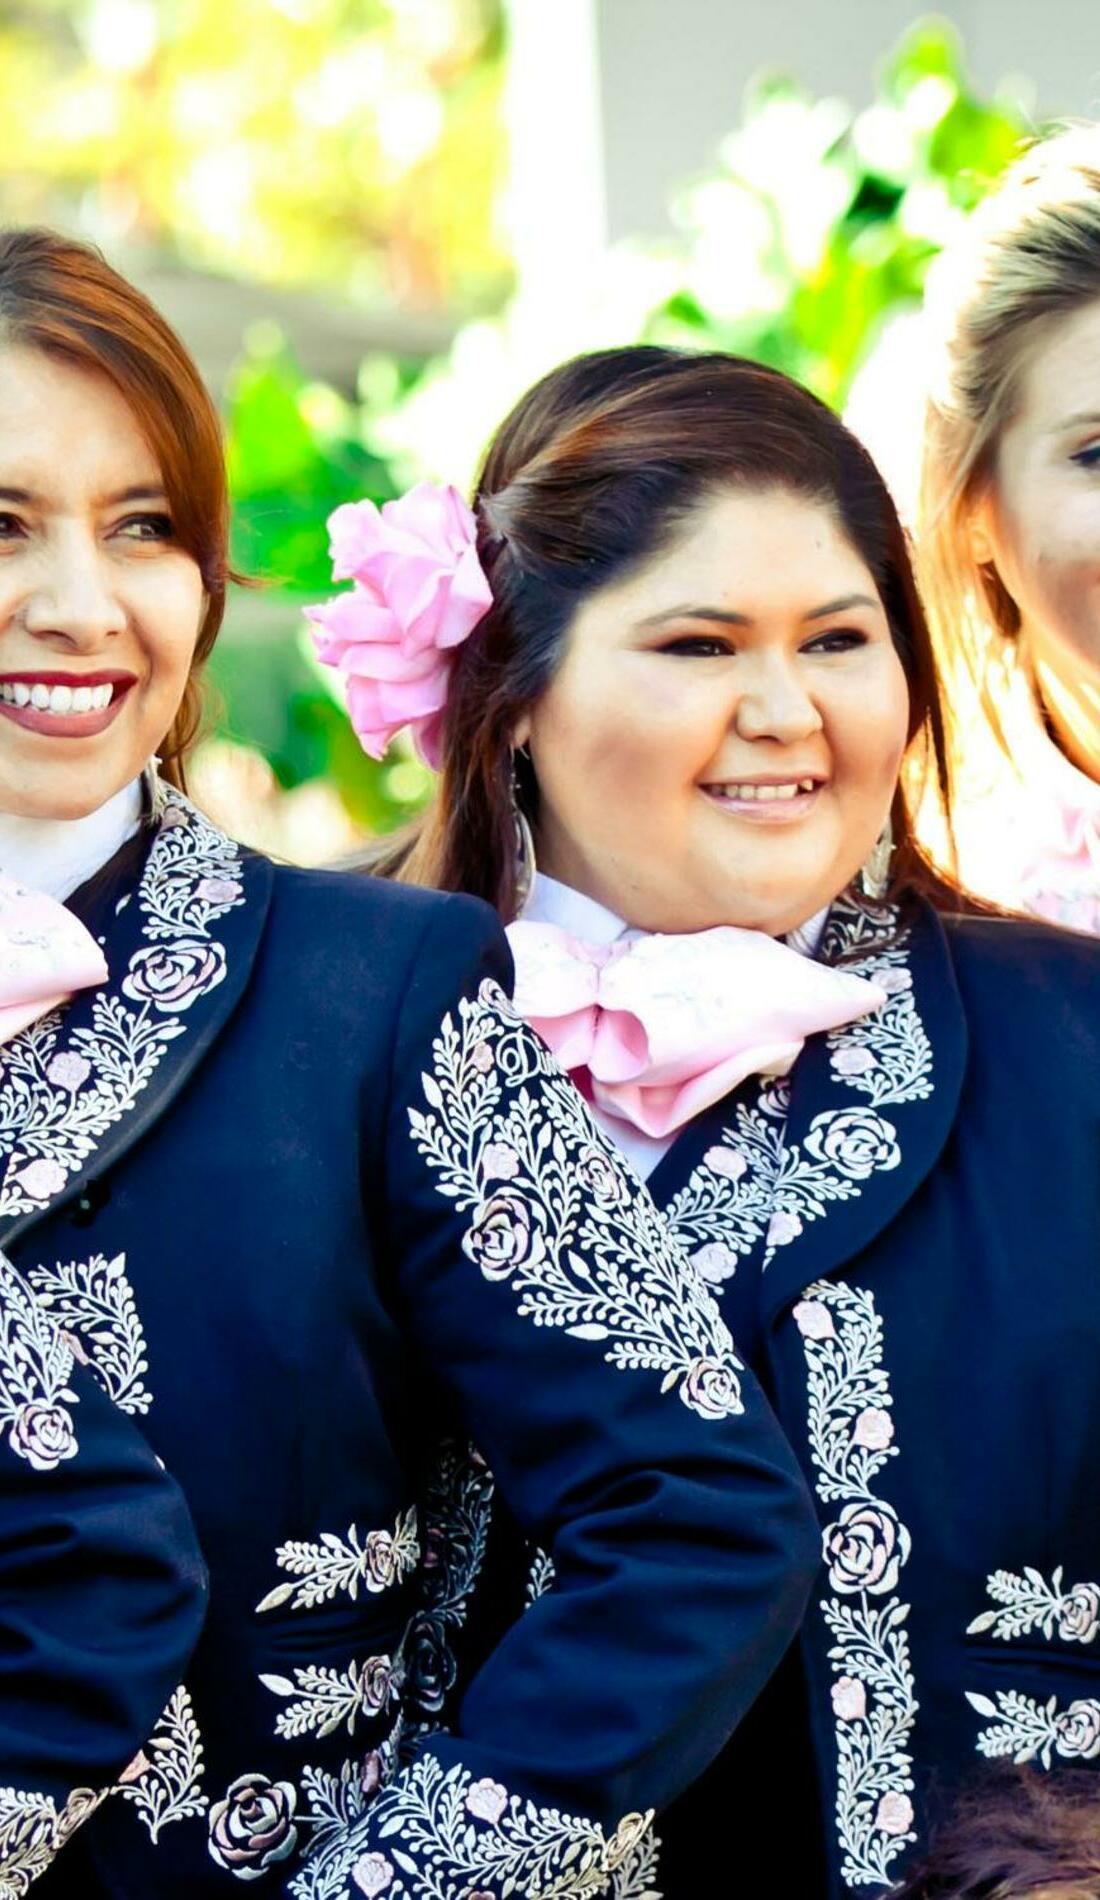 A Mariachi Divas live event